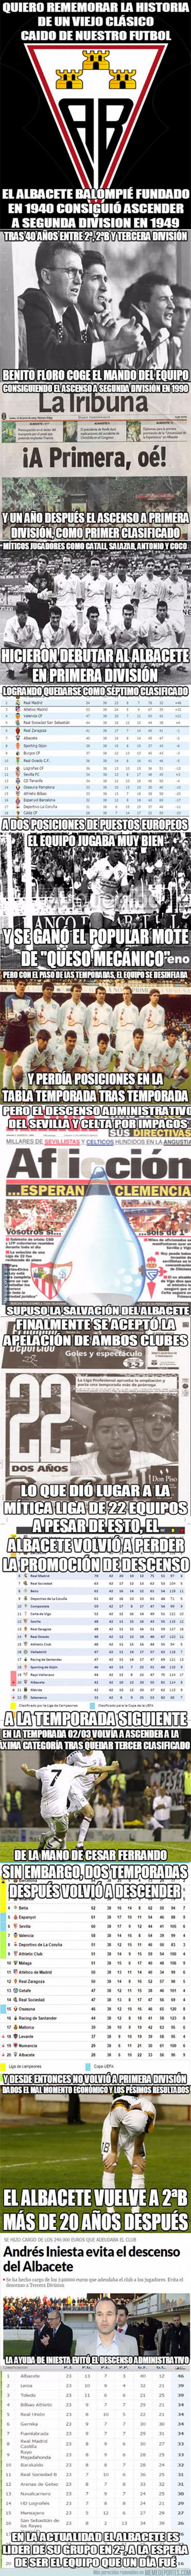 944931 - La historia del Albacete